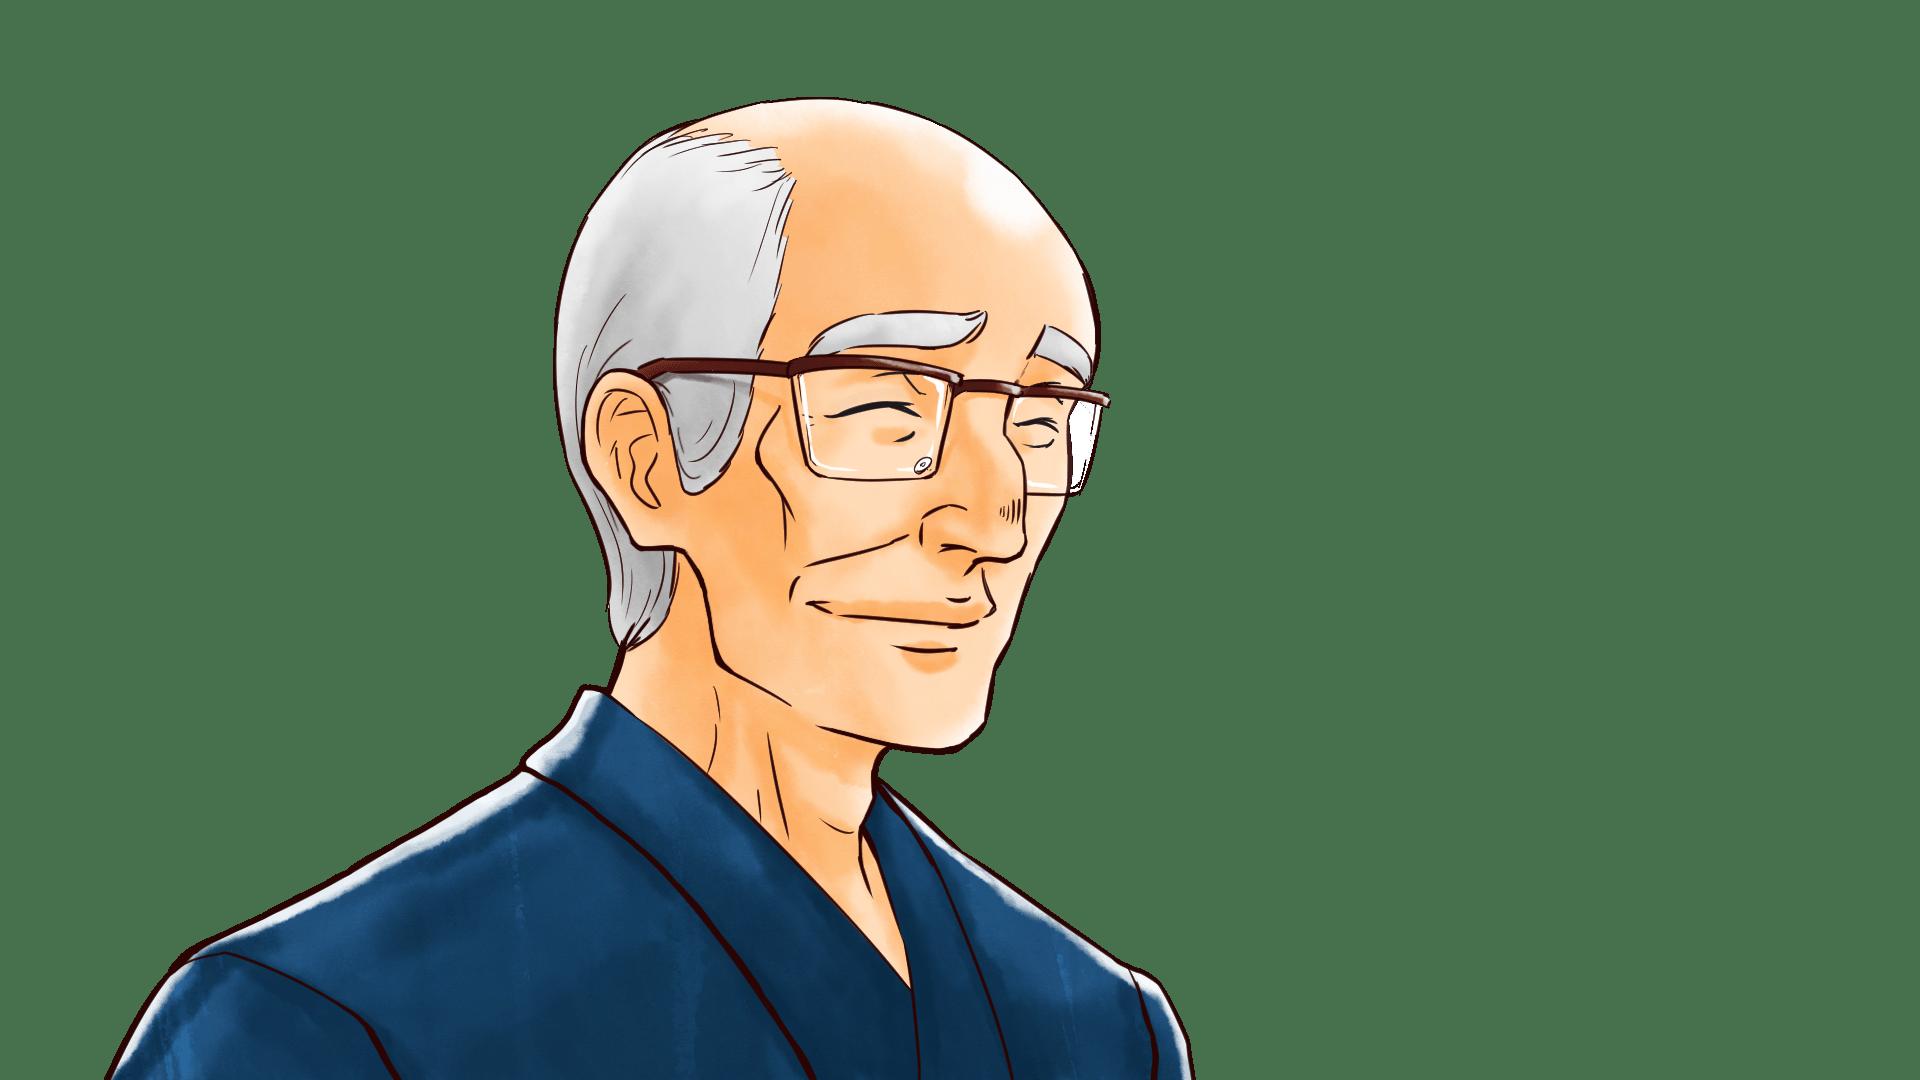 真面目な表情を浮かべるイケメンのおじいさん老人のフリーイラスト画像